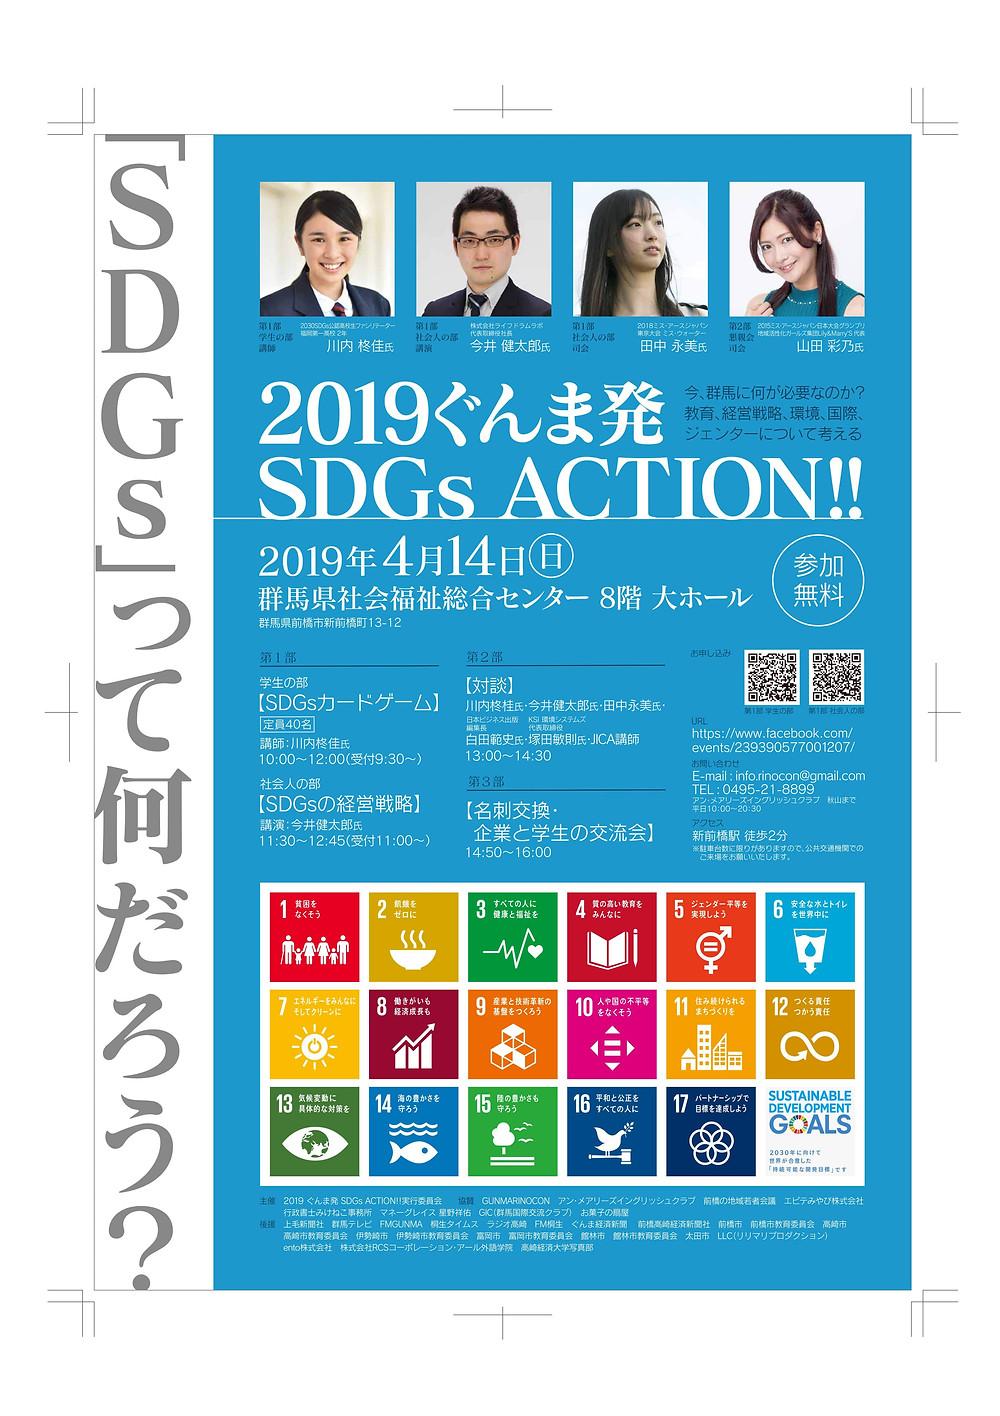 ぐんま SDGs 今井健太郎